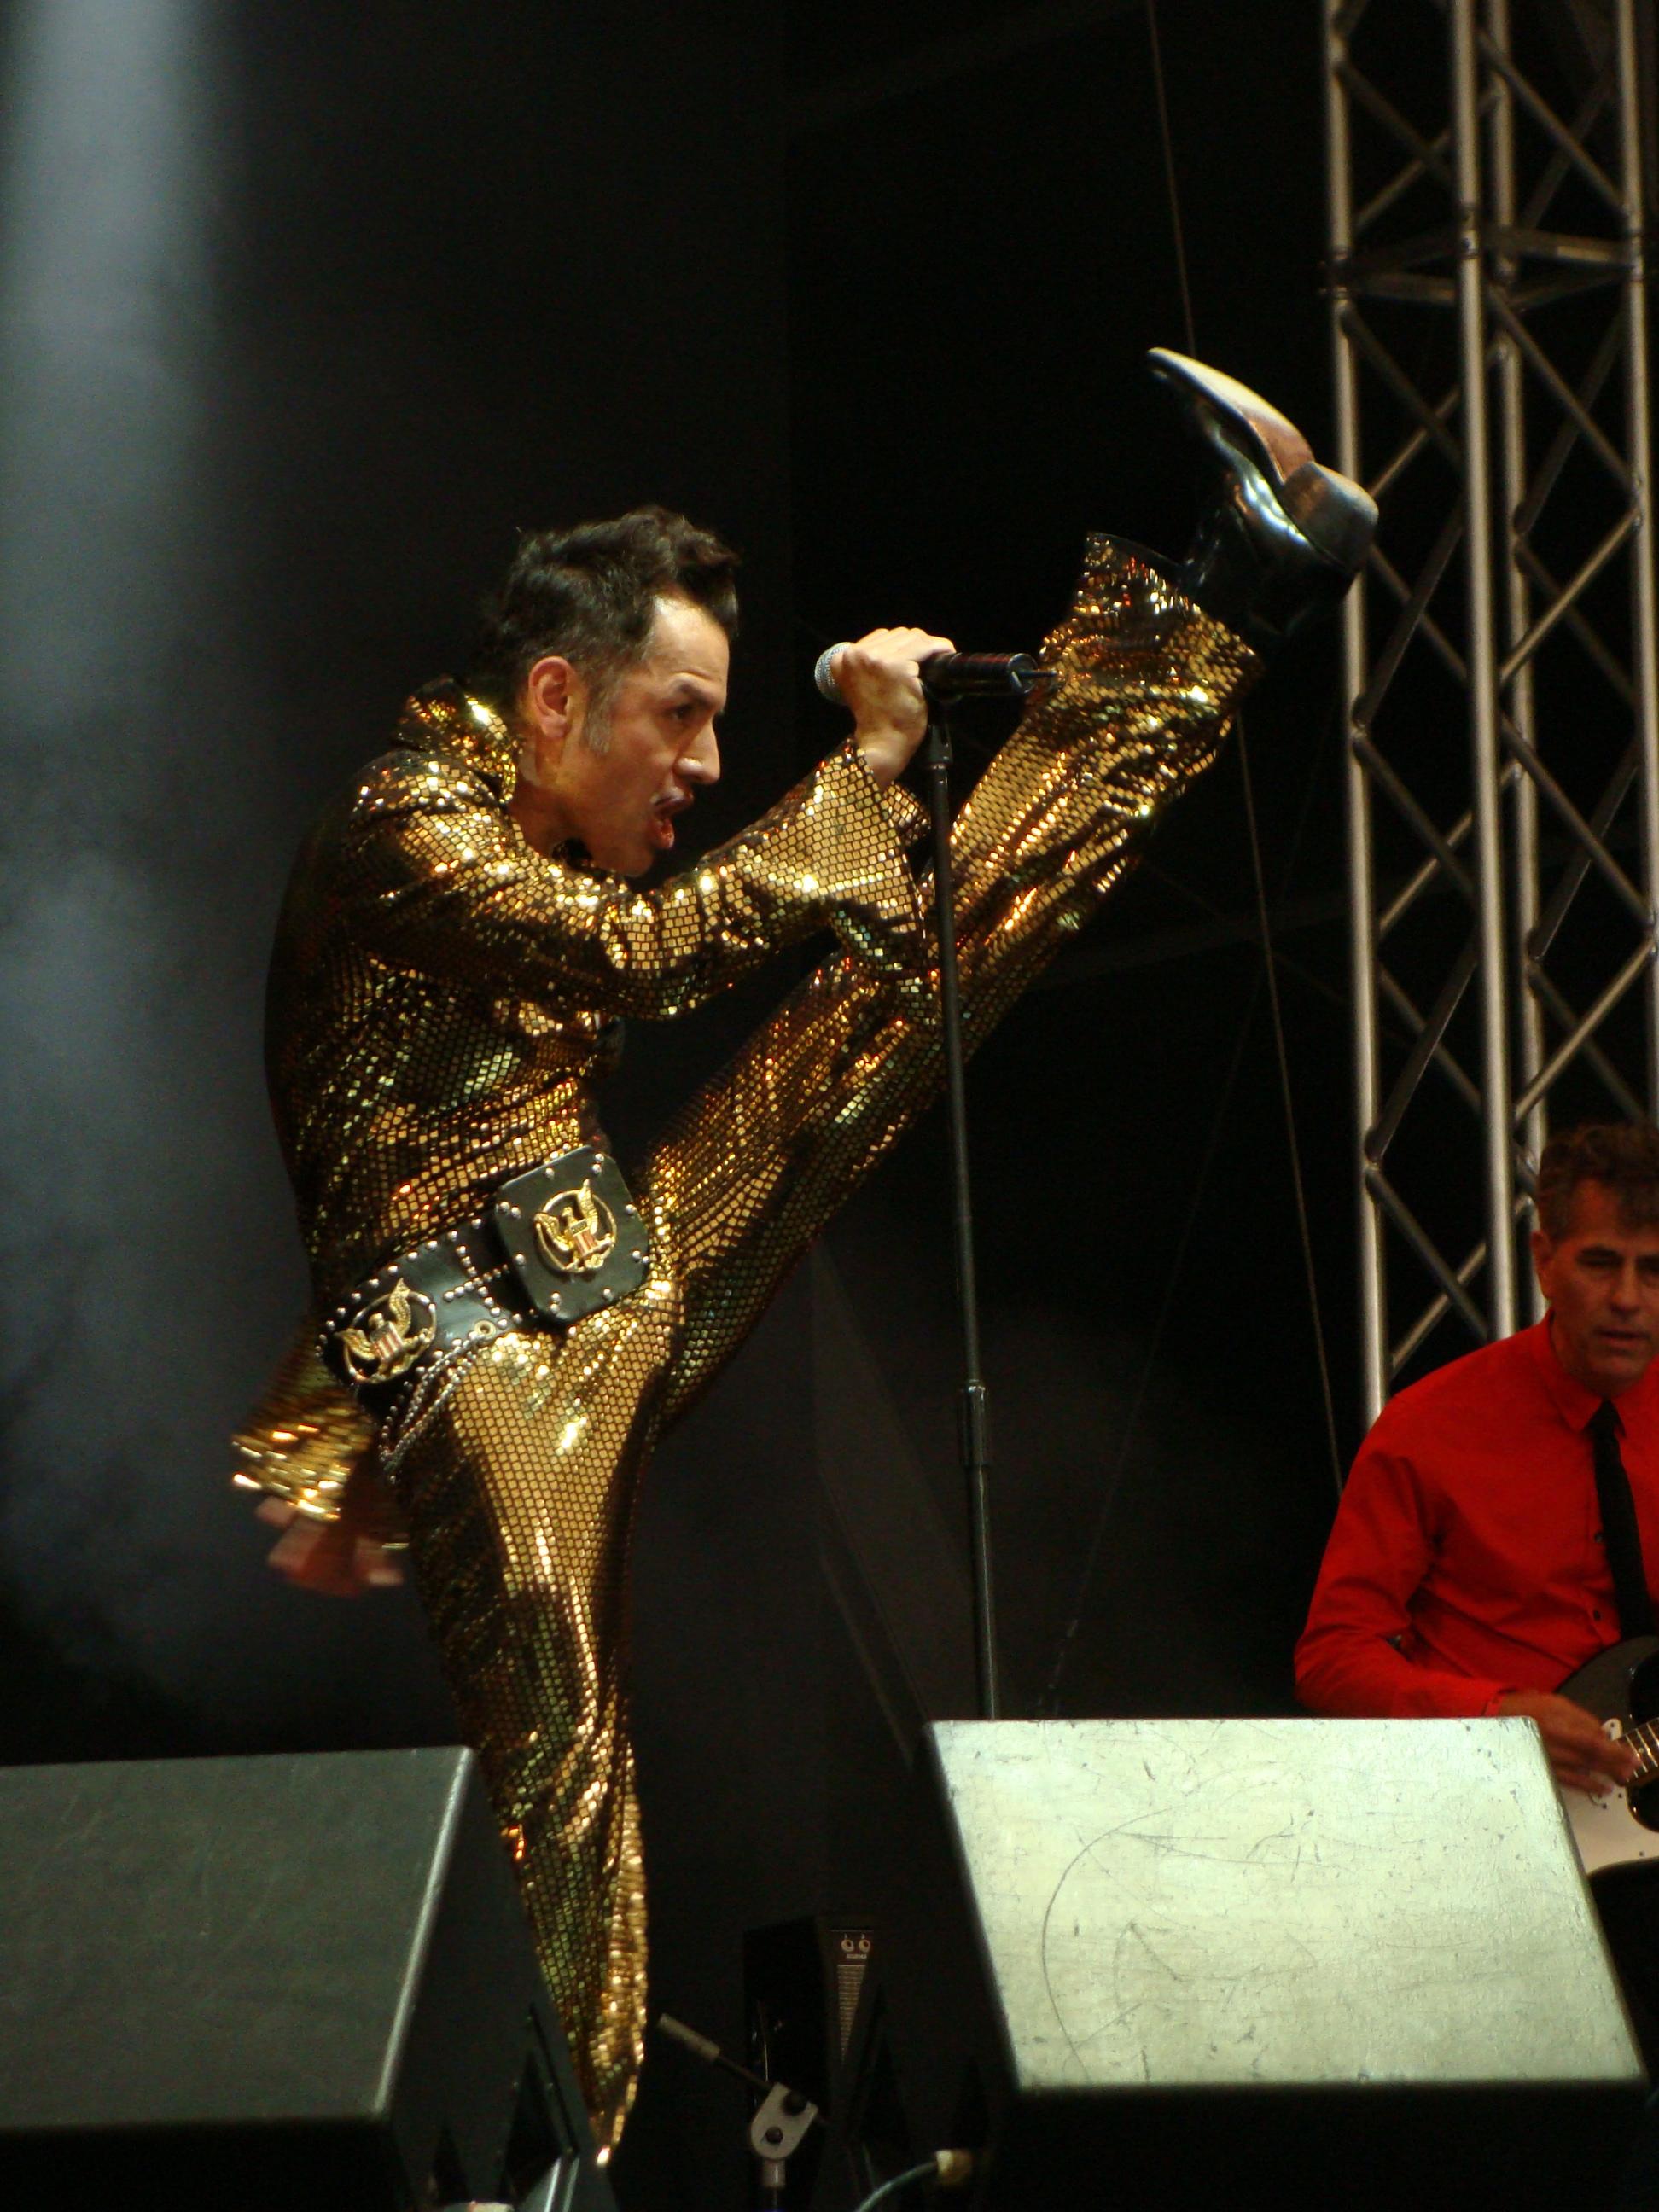 El Vez, Azkena Rock Festival 2010